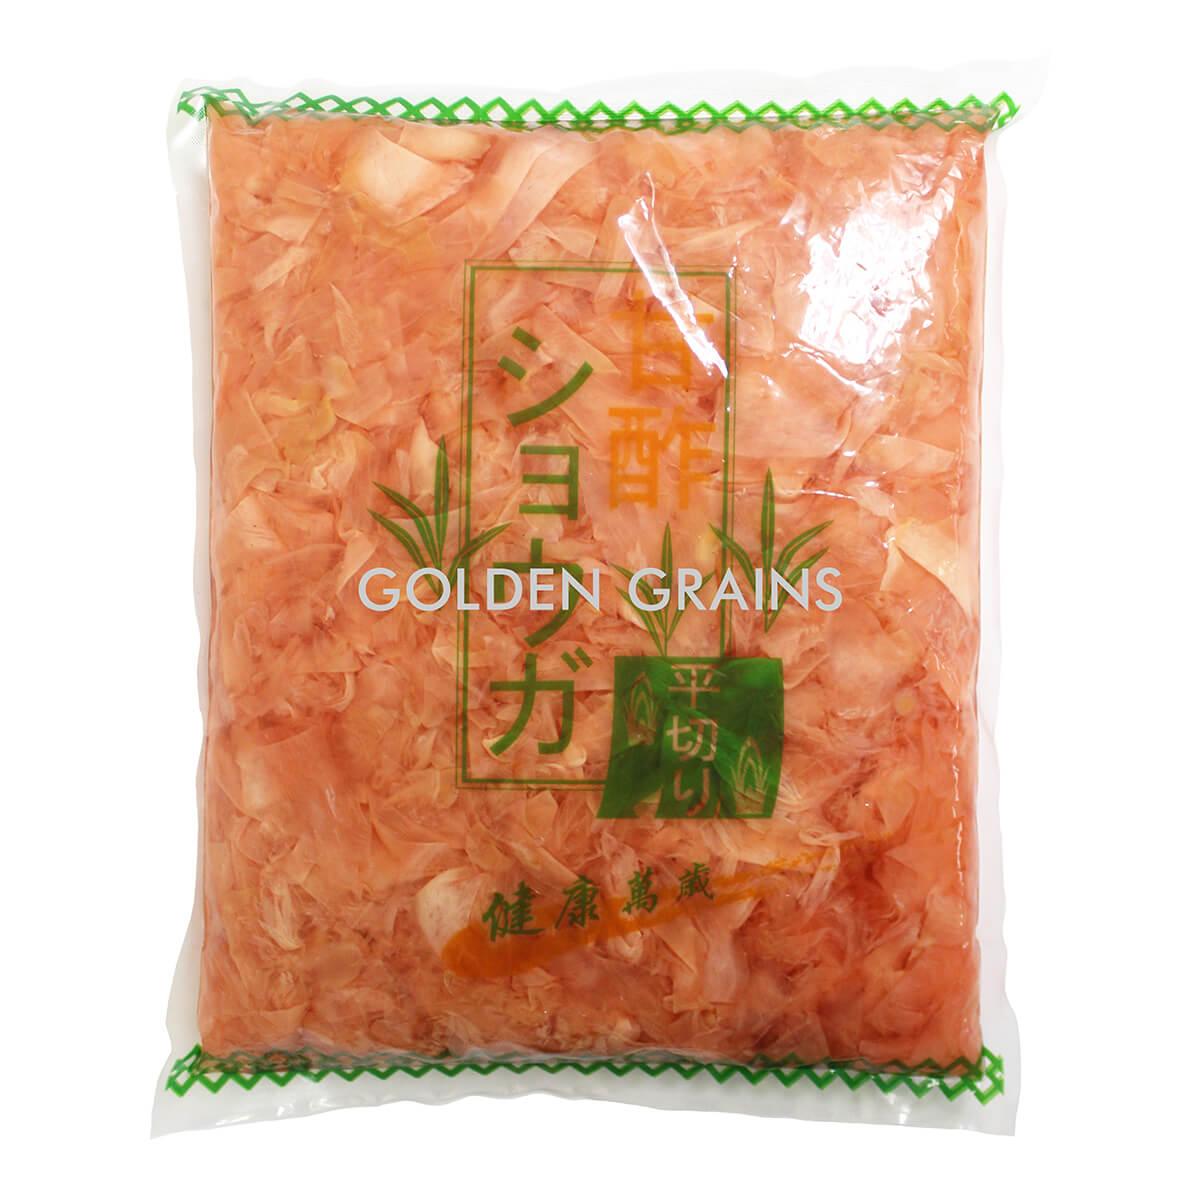 Golden Grains Dubai Export - Sushi Ginger - Front.jpg